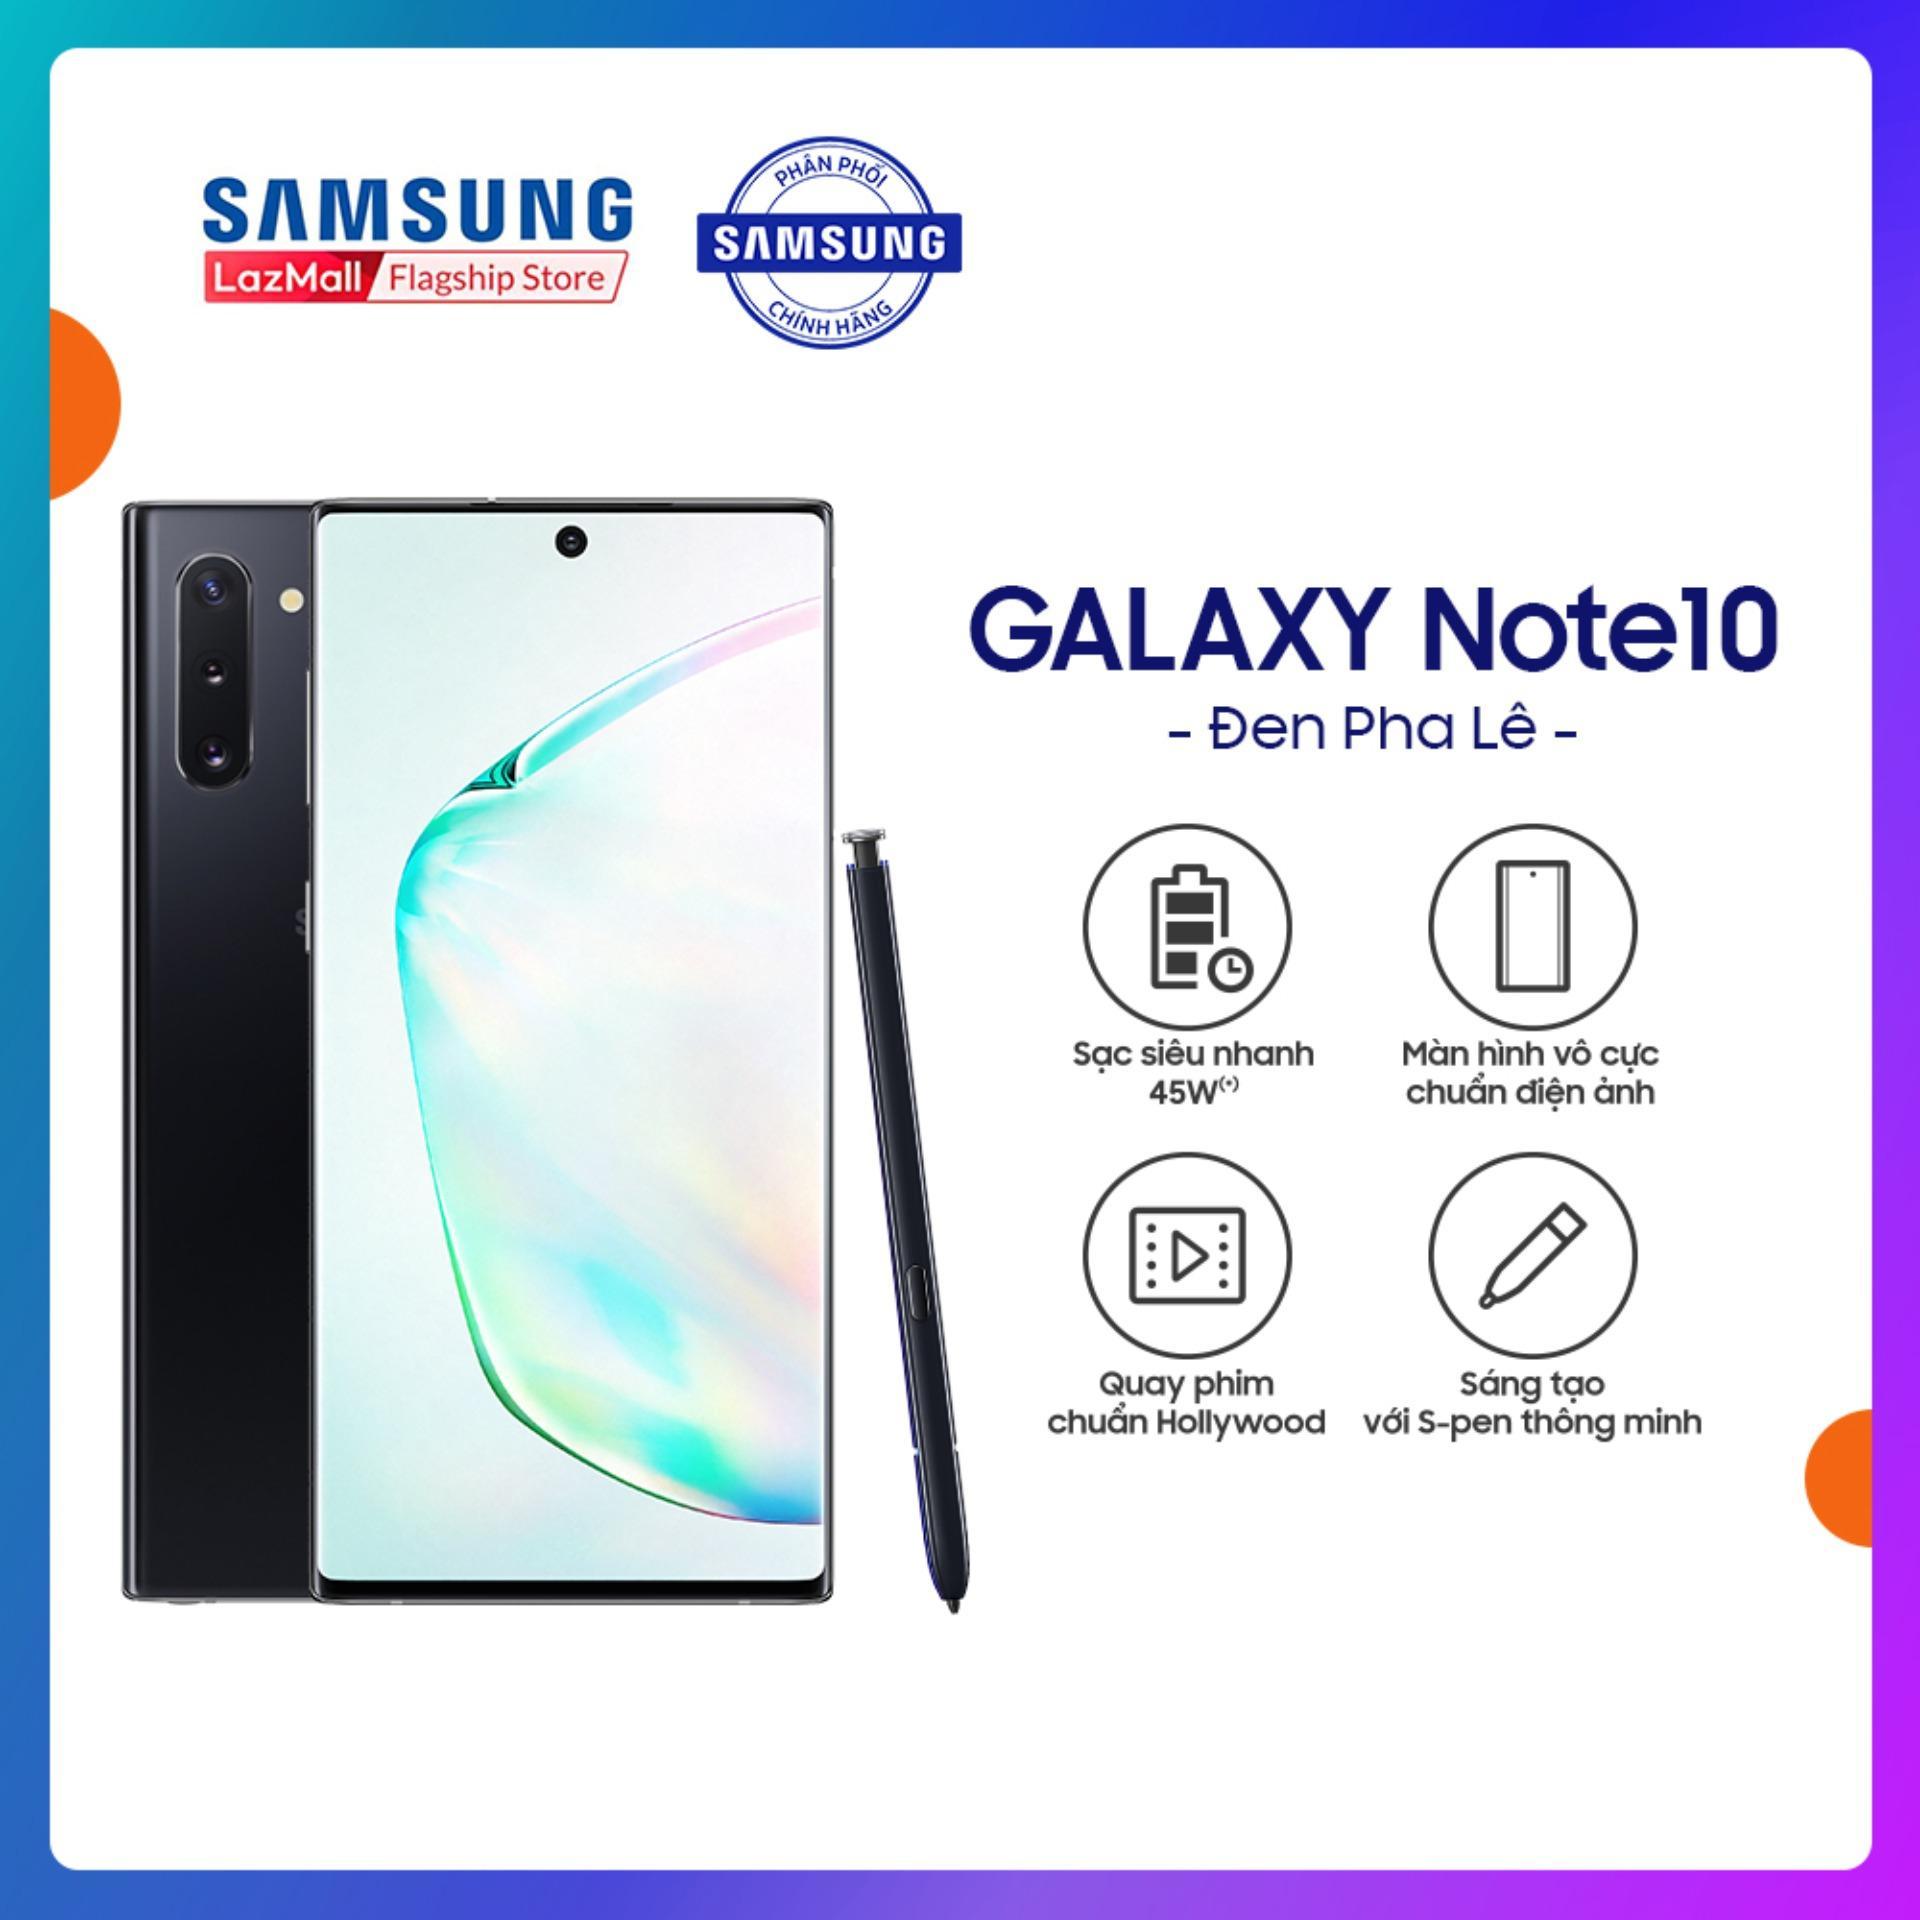 Điện Thoại Samsung Galaxy Note 10 256GB (8GB RAM) - Màn hình tràn viền 6.3 Dynamic AMOLED + Cụm 3 Camera sau + Pin 3500 mAh - Hàng Phân Phối Chính Hãng.